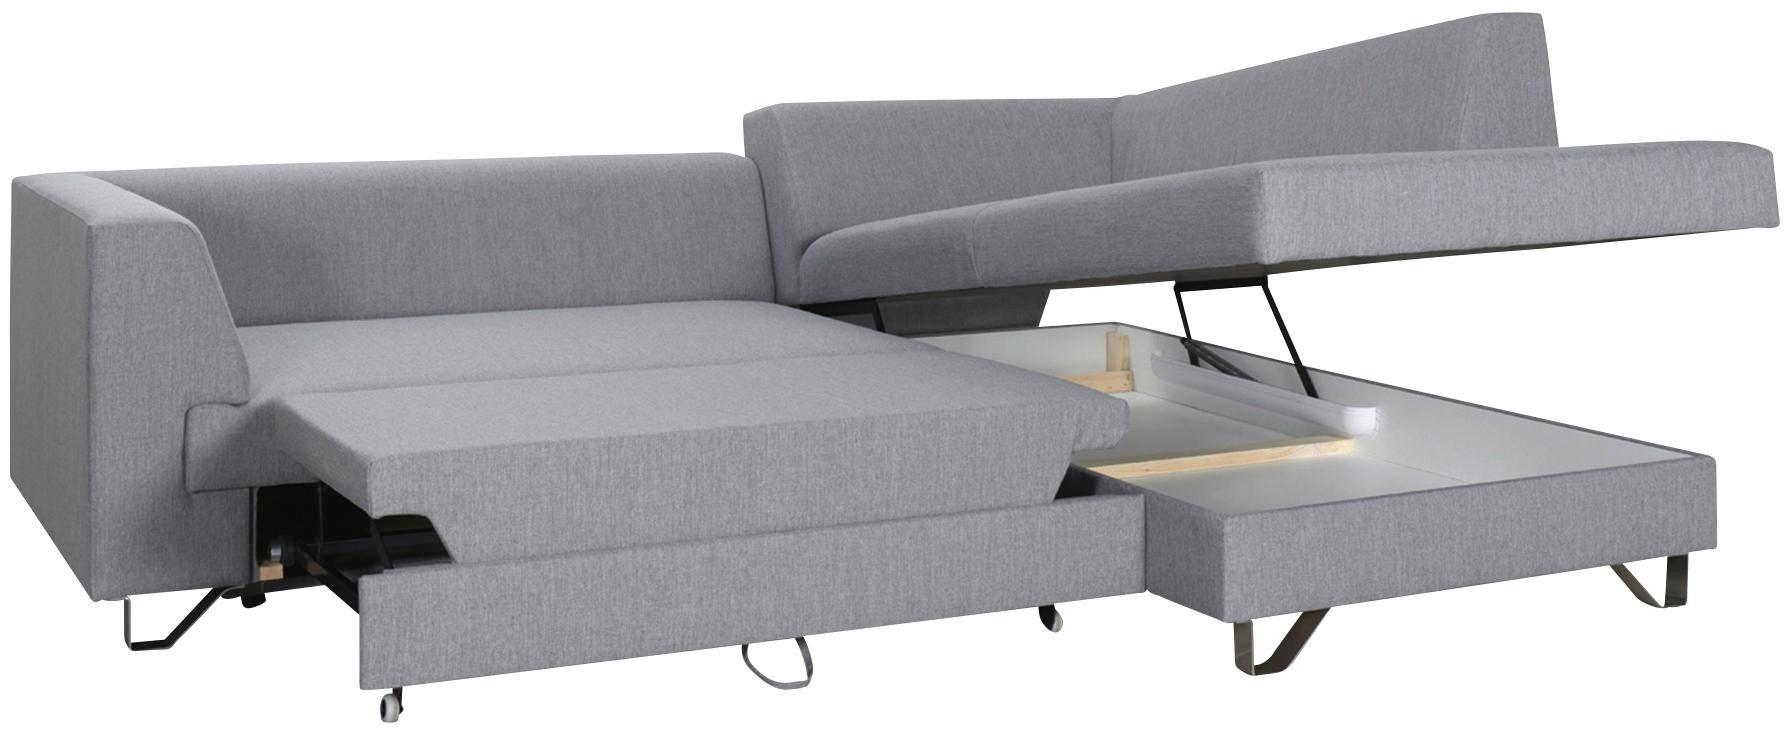 Wohnlandschaft Grau mit Bettfunktion - Silberfarben/Hellgrau, MODERN, Textil (280/196cm) - PREMIUM LIVING